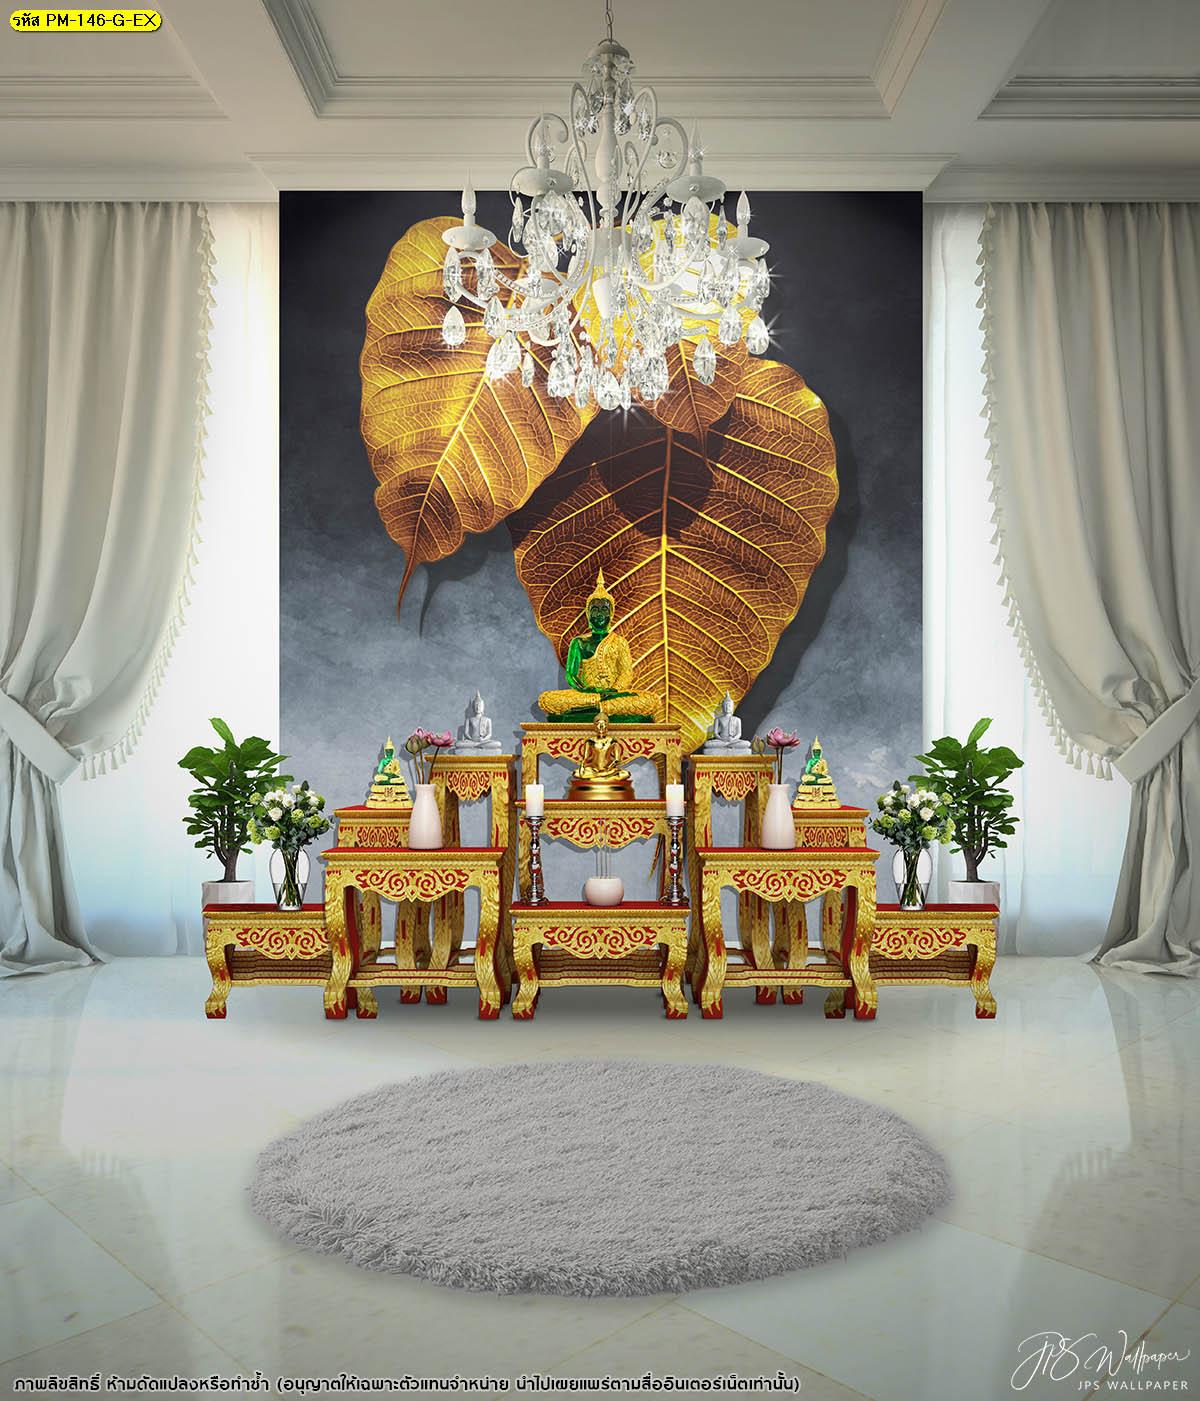 แบบห้องพระในบ้าน  รูปติดผนังห้องพระ  ห้องพระสวยๆในบ้าน